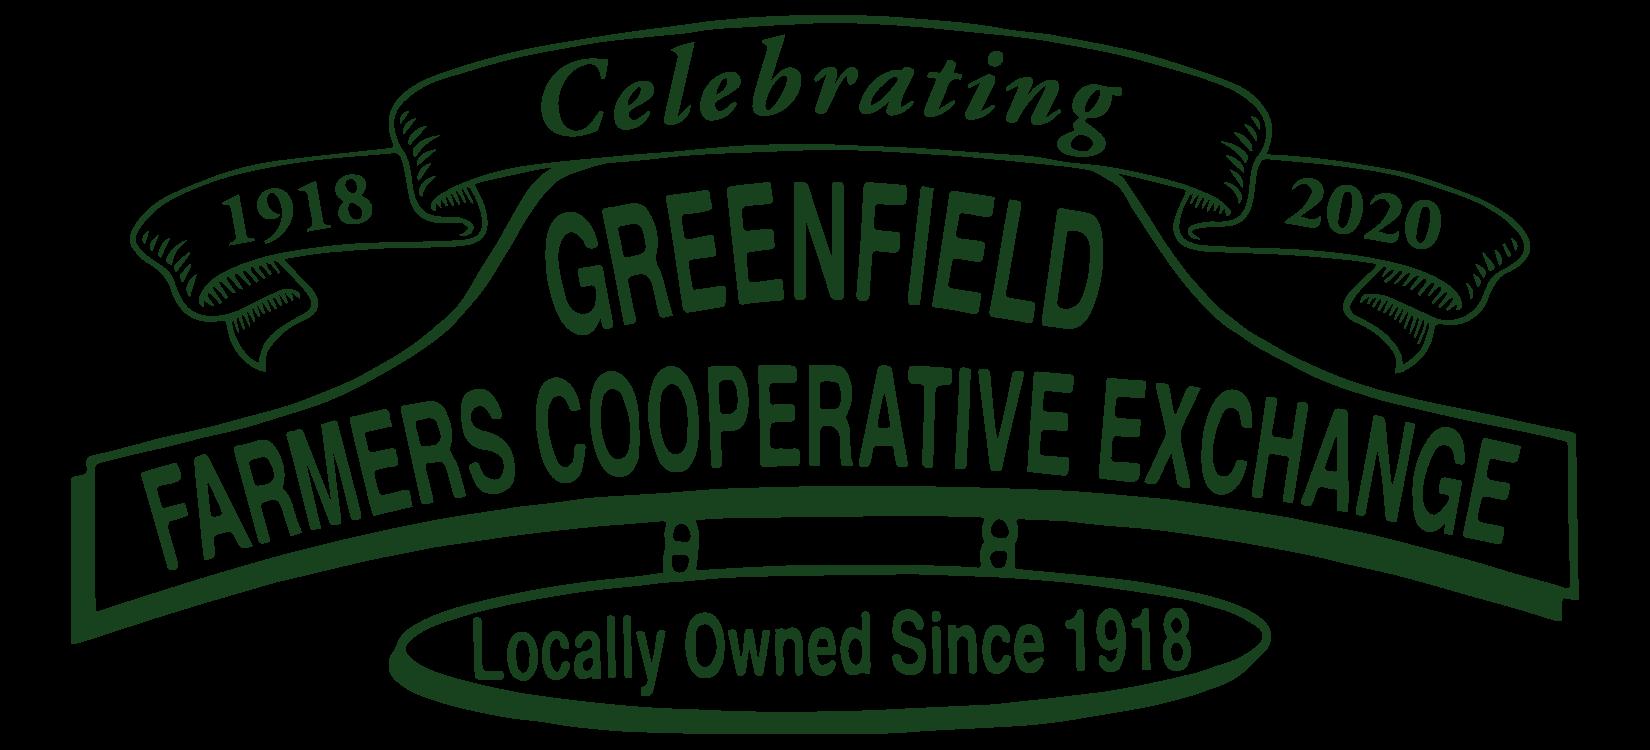 Greenfield Farmers Coop